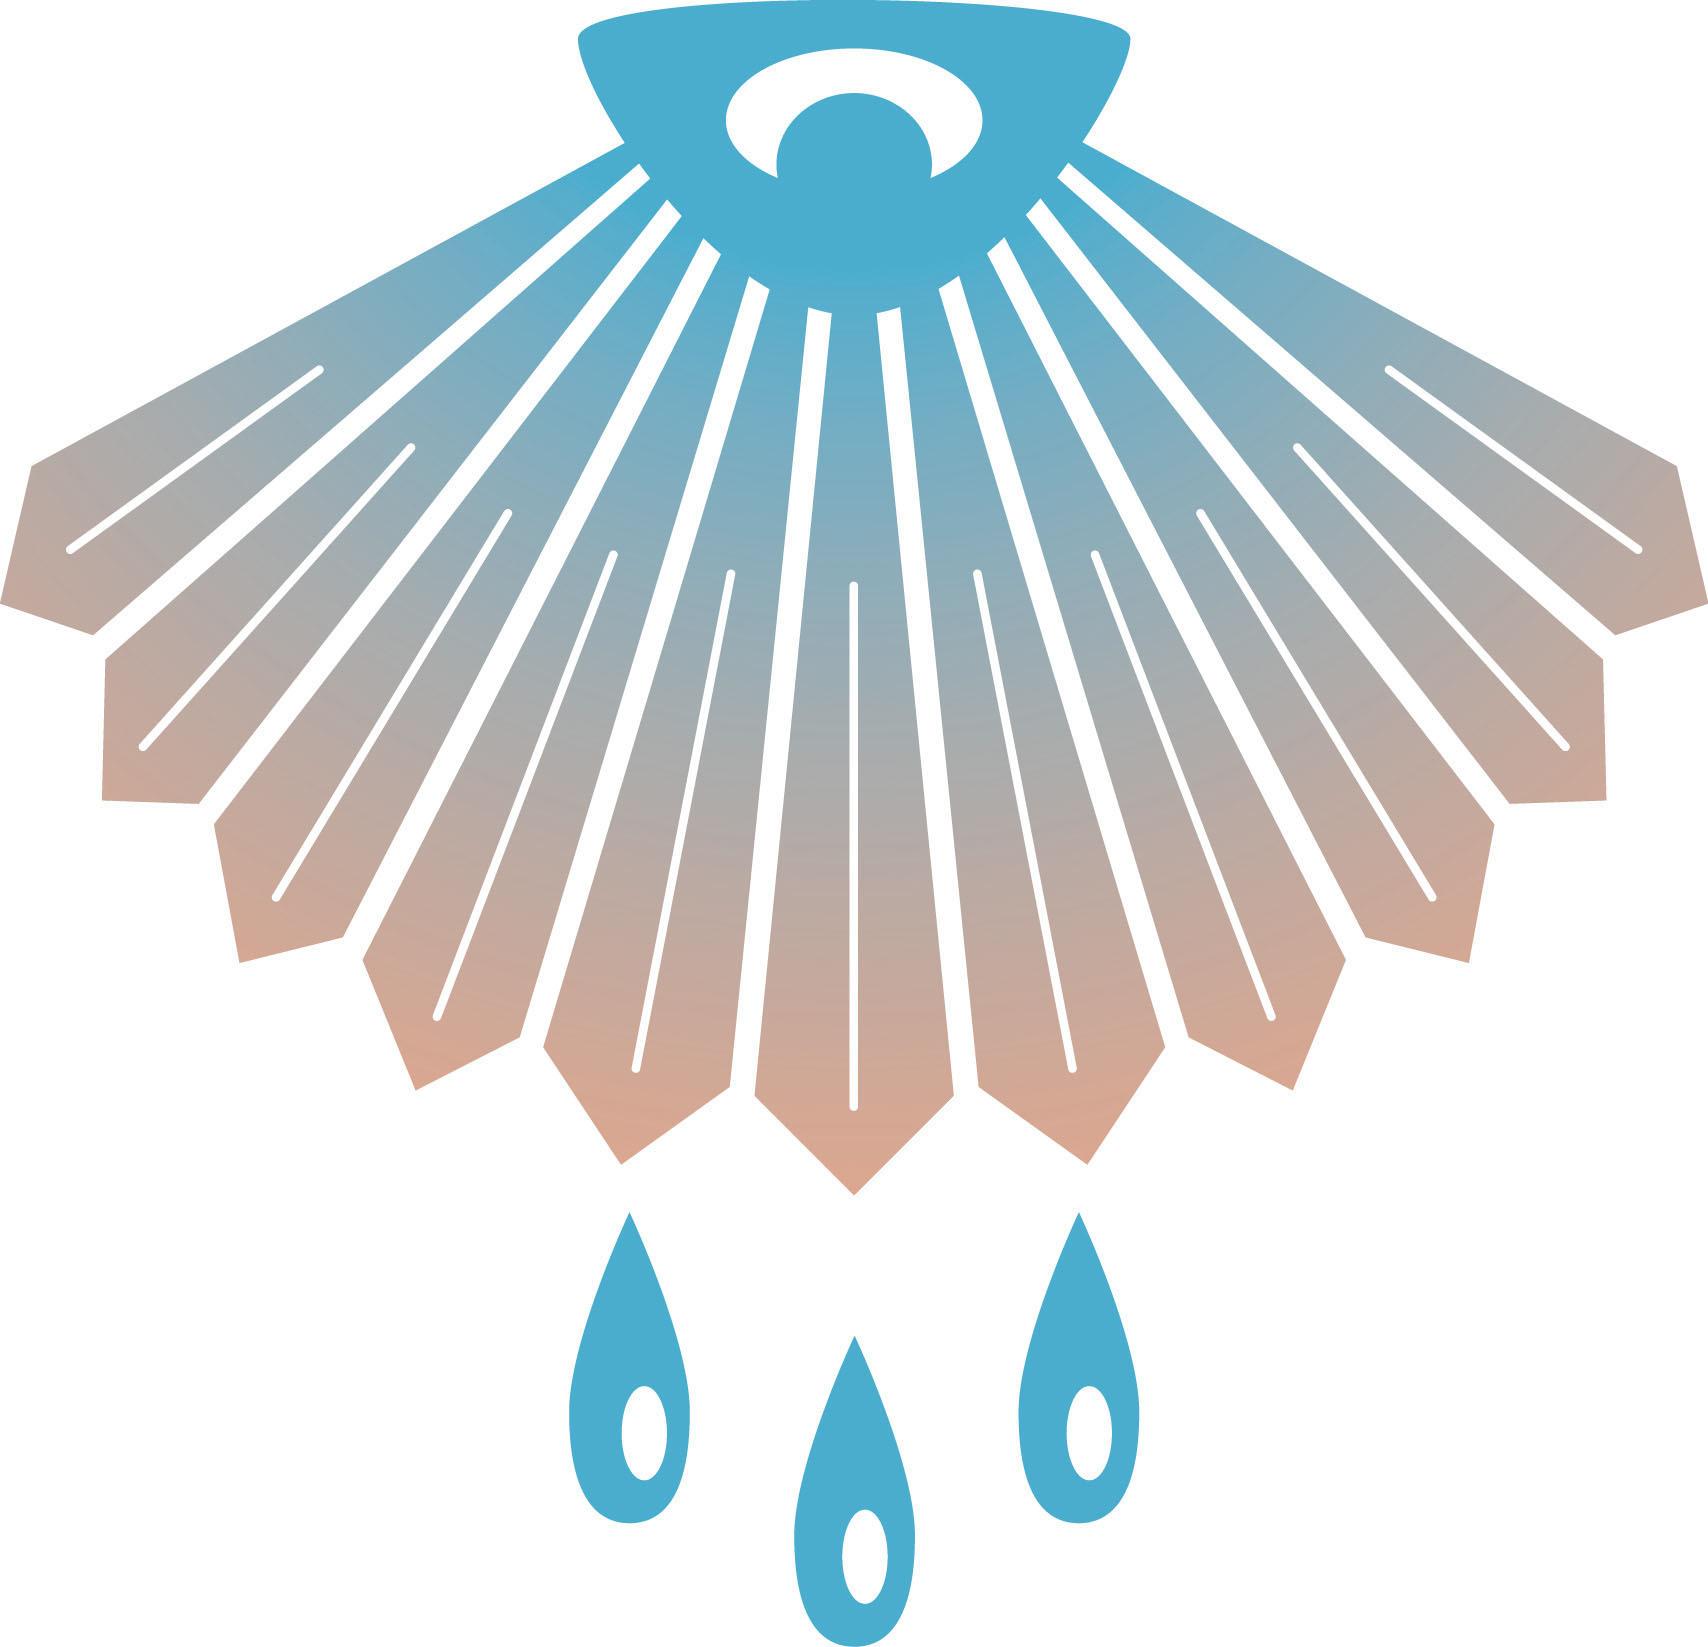 Catholic Sacrament Of Baptism Symbols Free Image